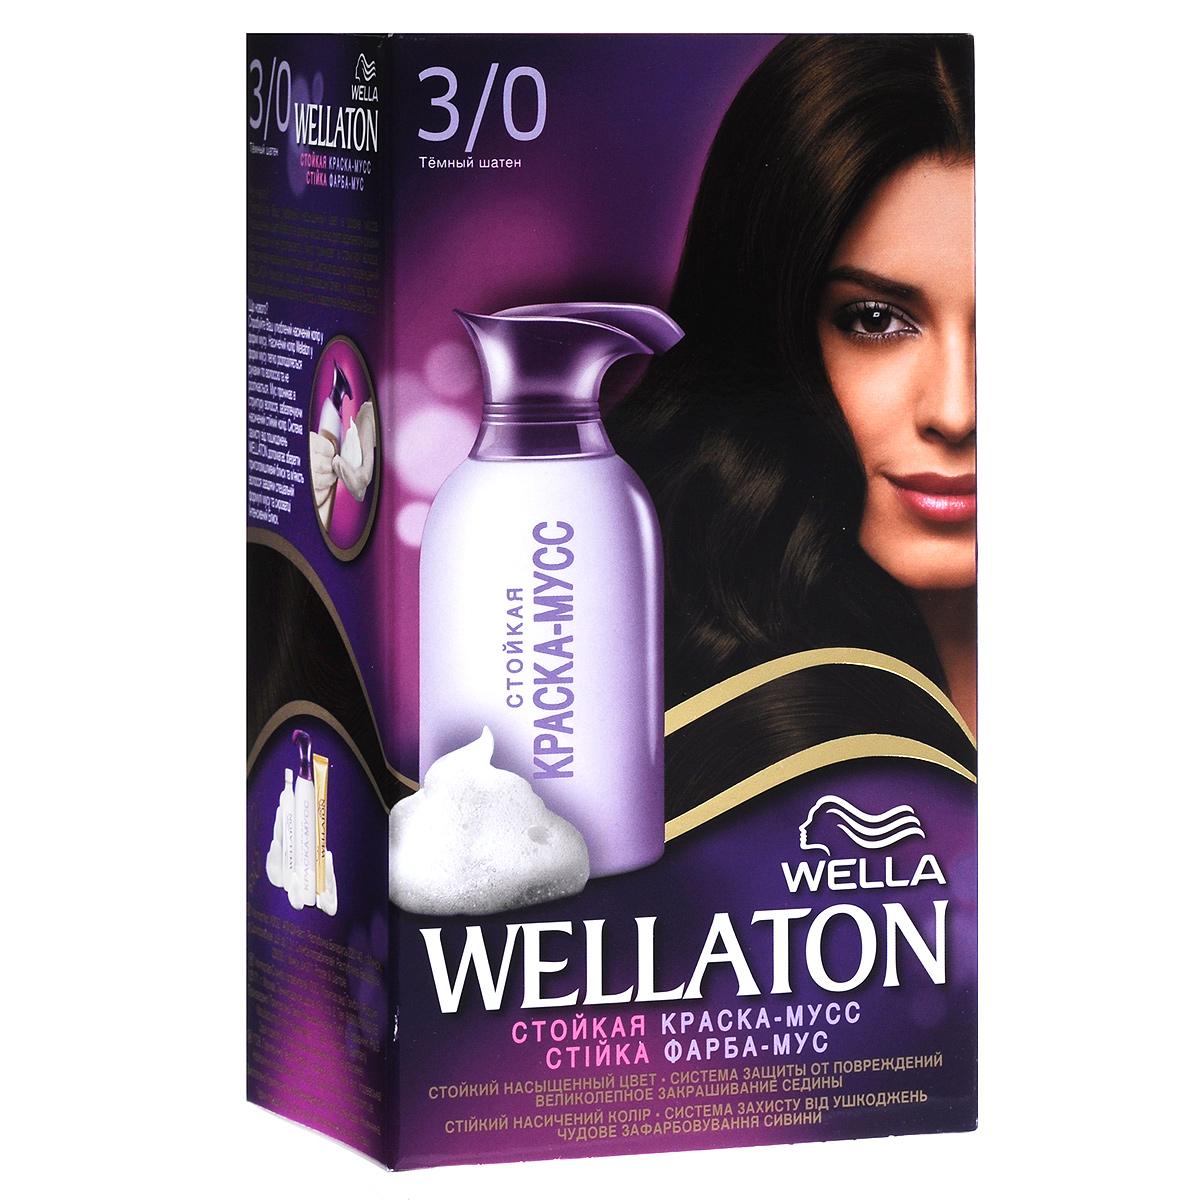 Краска-мусс для волос Wellaton 3/0. Темный шатен81284288Стойкая краска-мусс Wellaton - живой насыщенный цвет и легкое бережное нанесение. Насладитесь живым насыщенным цветом. Краска-мусс обеспечивает бережное нанесение и защиту от подтеков. Она равномерно распределяется по волосам, насыщая каждый волос совершенным цветом. Система защиты от повреждений дарит волосам потрясающий блеск и мягкость шелка благодаря специальной формуле мусса и питательной сыворотке. Такая же стойкость, как привычные краски! 100% закрашивание седины. Характеристики: Номер краски: 3/0. Цвет: темный шатен. Объем краски: 56,5 мл. Объем проявителя: 58,1 мл. Объем питательной сыворотки: 30 мл. Производитель: Германия. В комплекте: 1 тюбик с краской, 1 флакон с проявителем, 1 тюбик с питательной сывороткой, 1 пара перчаток, инструкция по применению. Товар сертифицирован. Внимание! Продукт может вызвать аллергическую реакцию, которая в редких случаях может нанести...